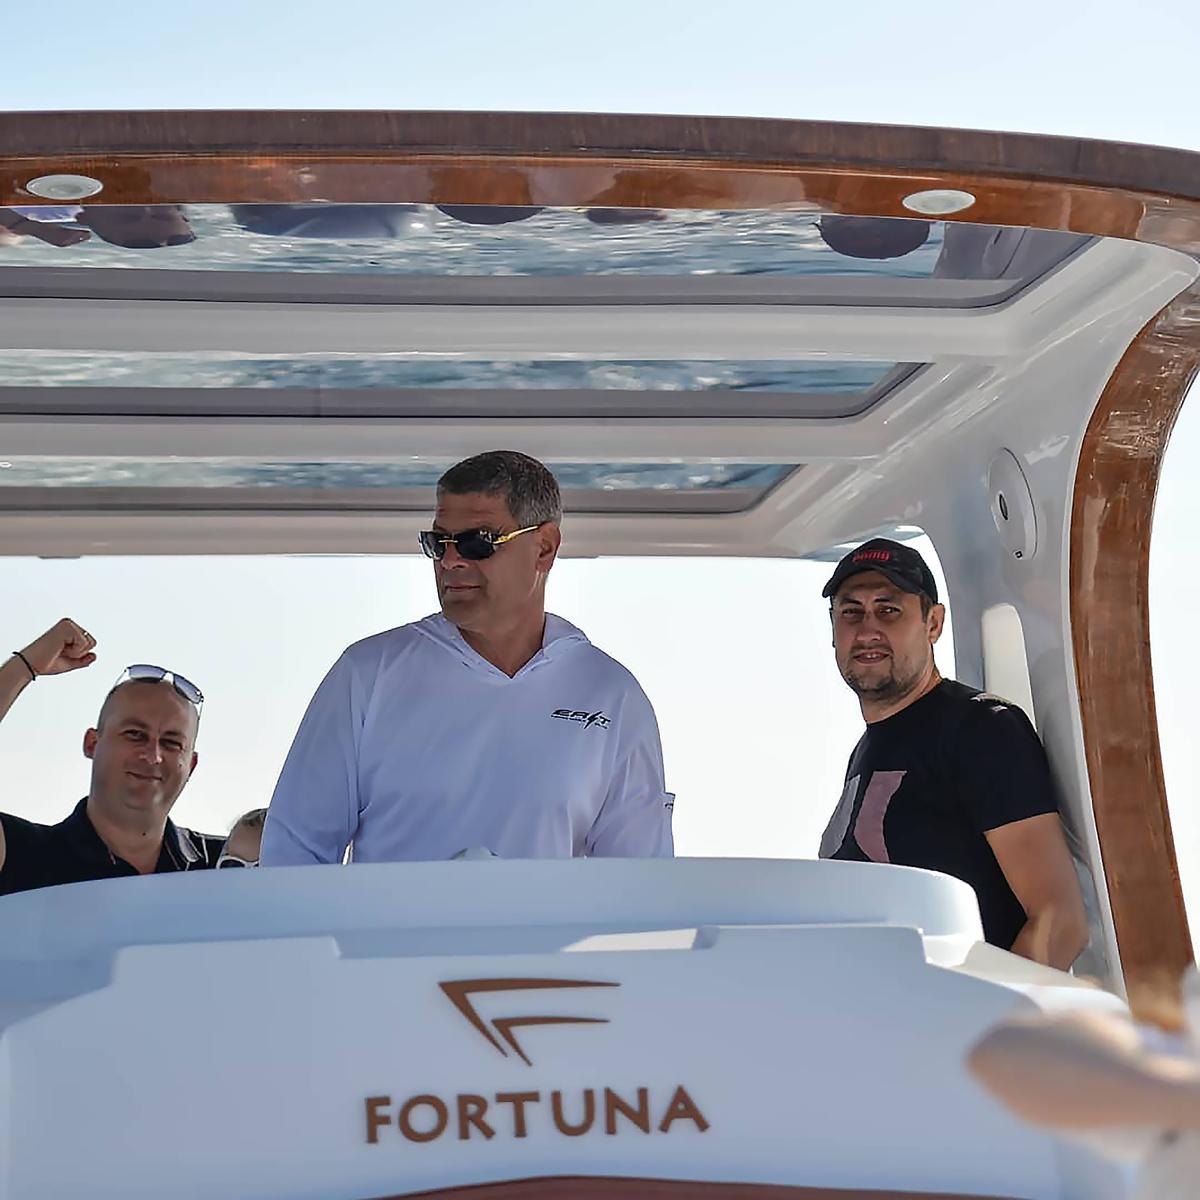 Fortuna Yachts